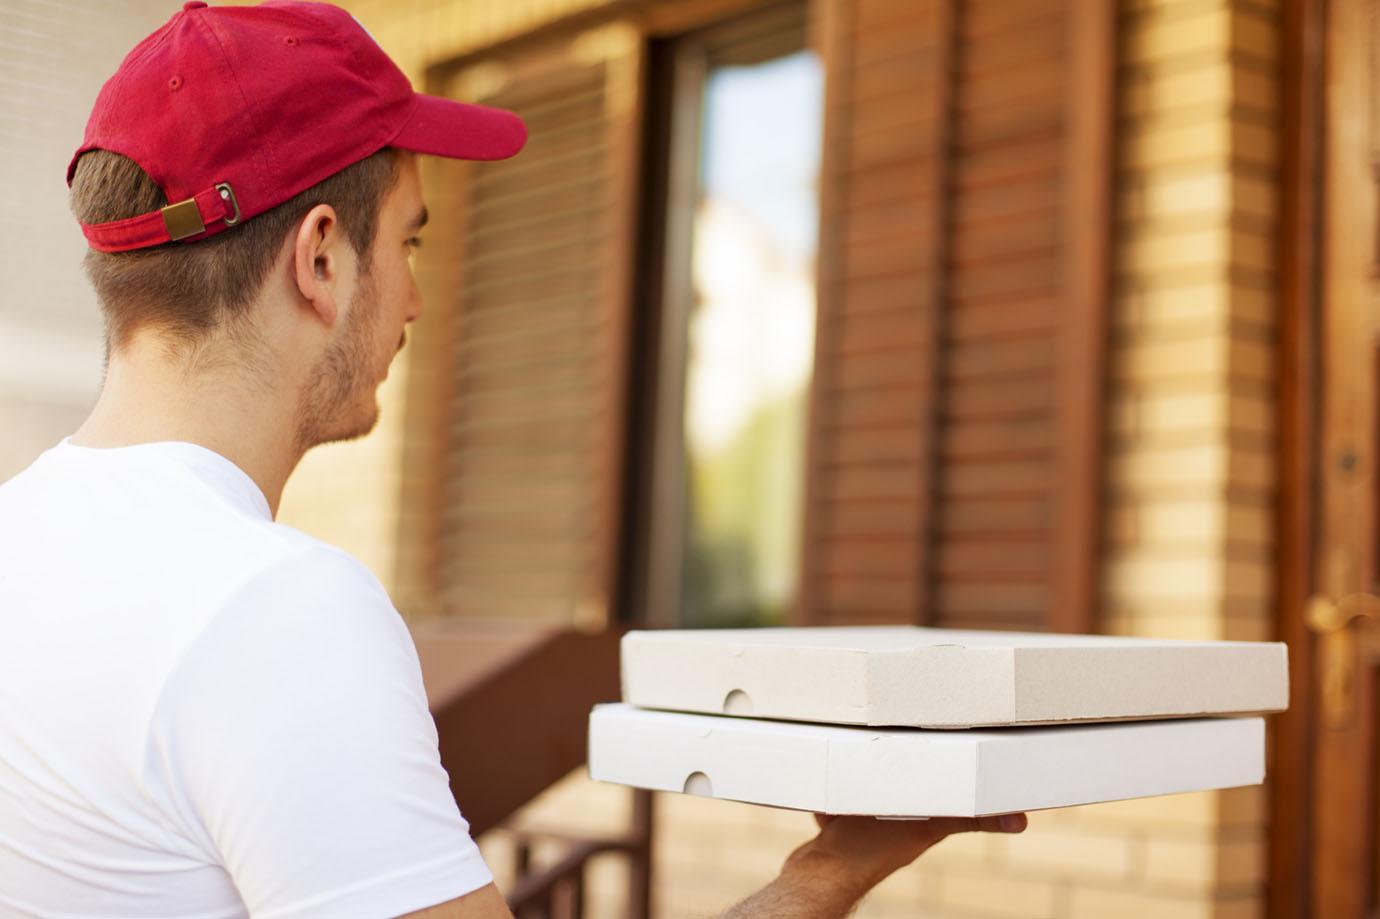 ico-destinonegocio-pizza-a-domicilio-istock-getty-images